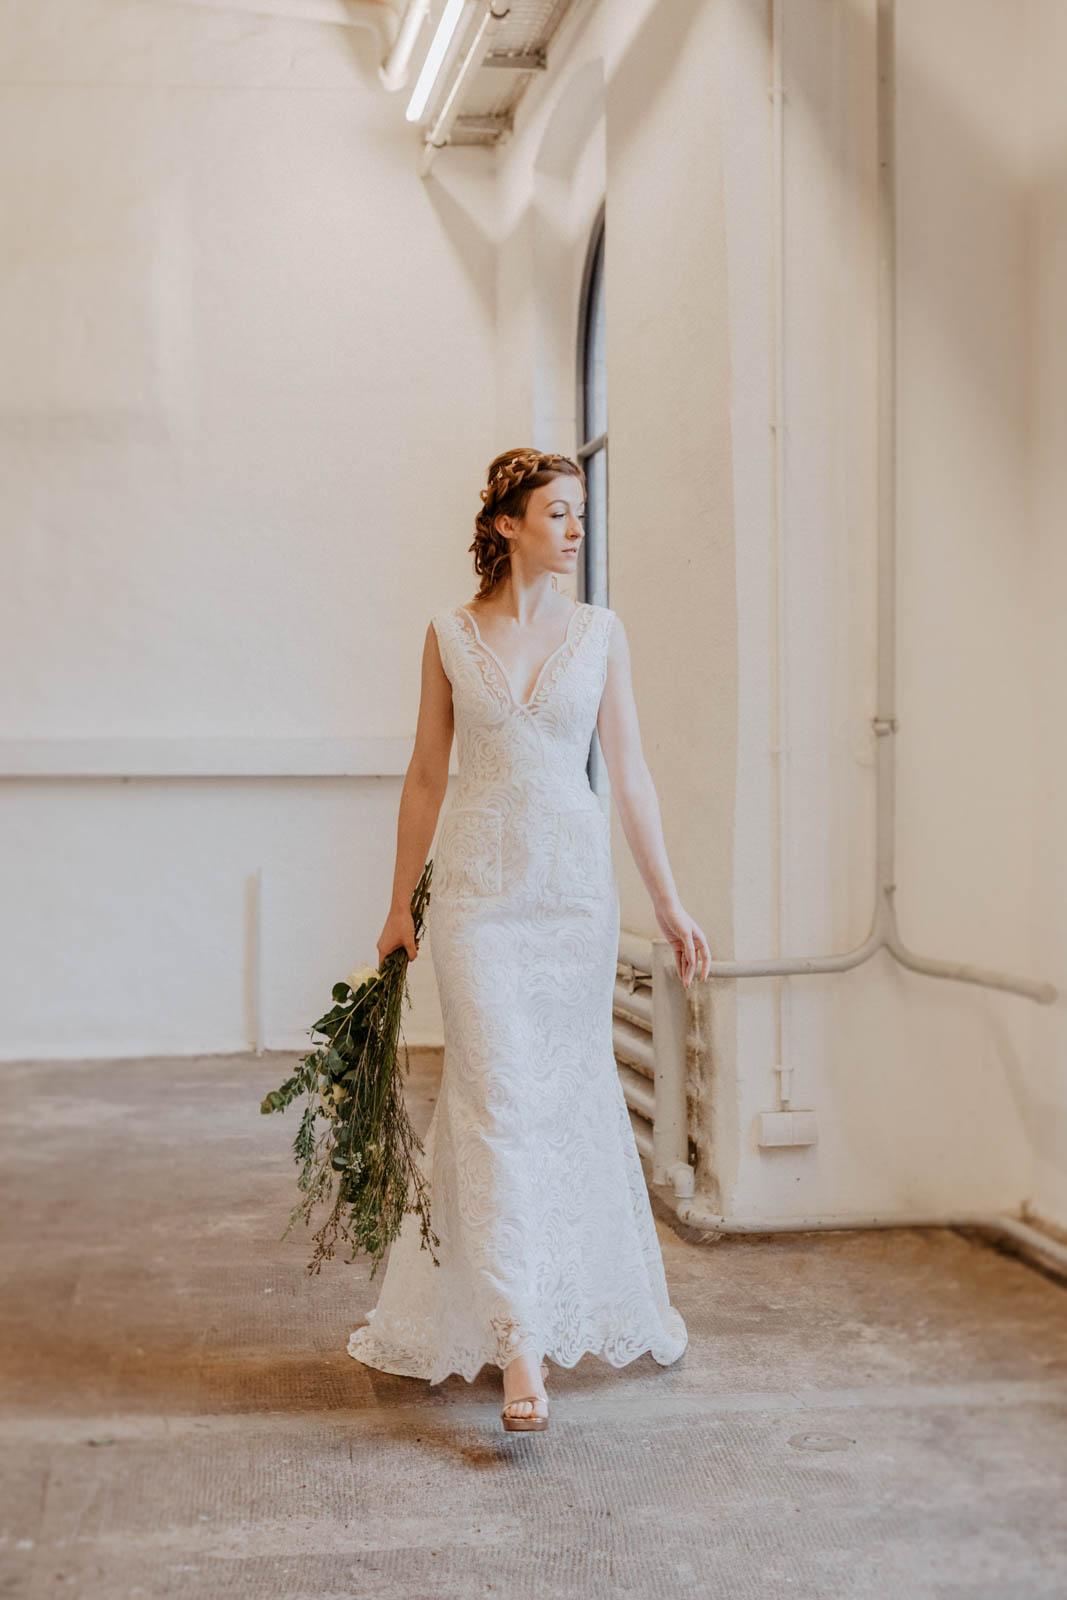 Hochzeitskleid mit Spitze – gesehen bei frauimmer-herrewig.de